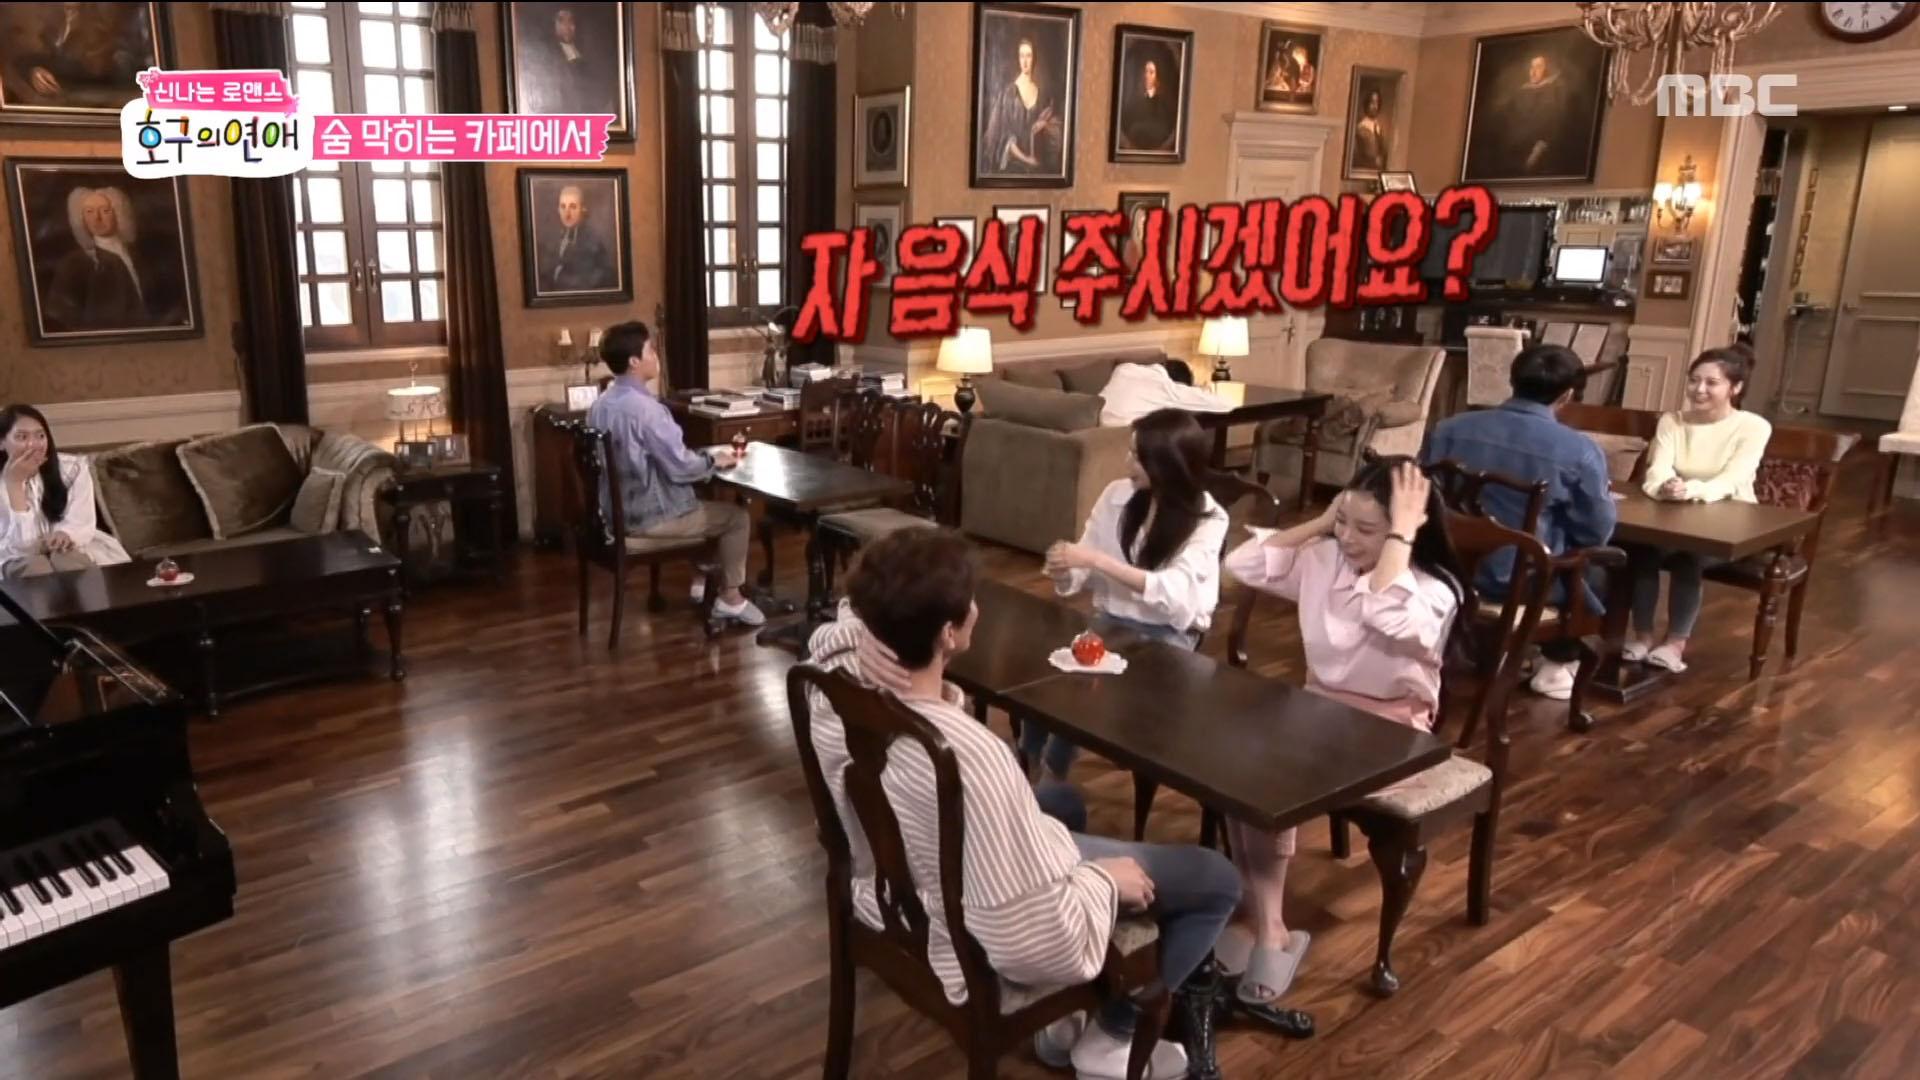 '호구의 연애' 숨 막히는 테이블! 김민규를 놓고 채지안, 조수현이 한 자리에!